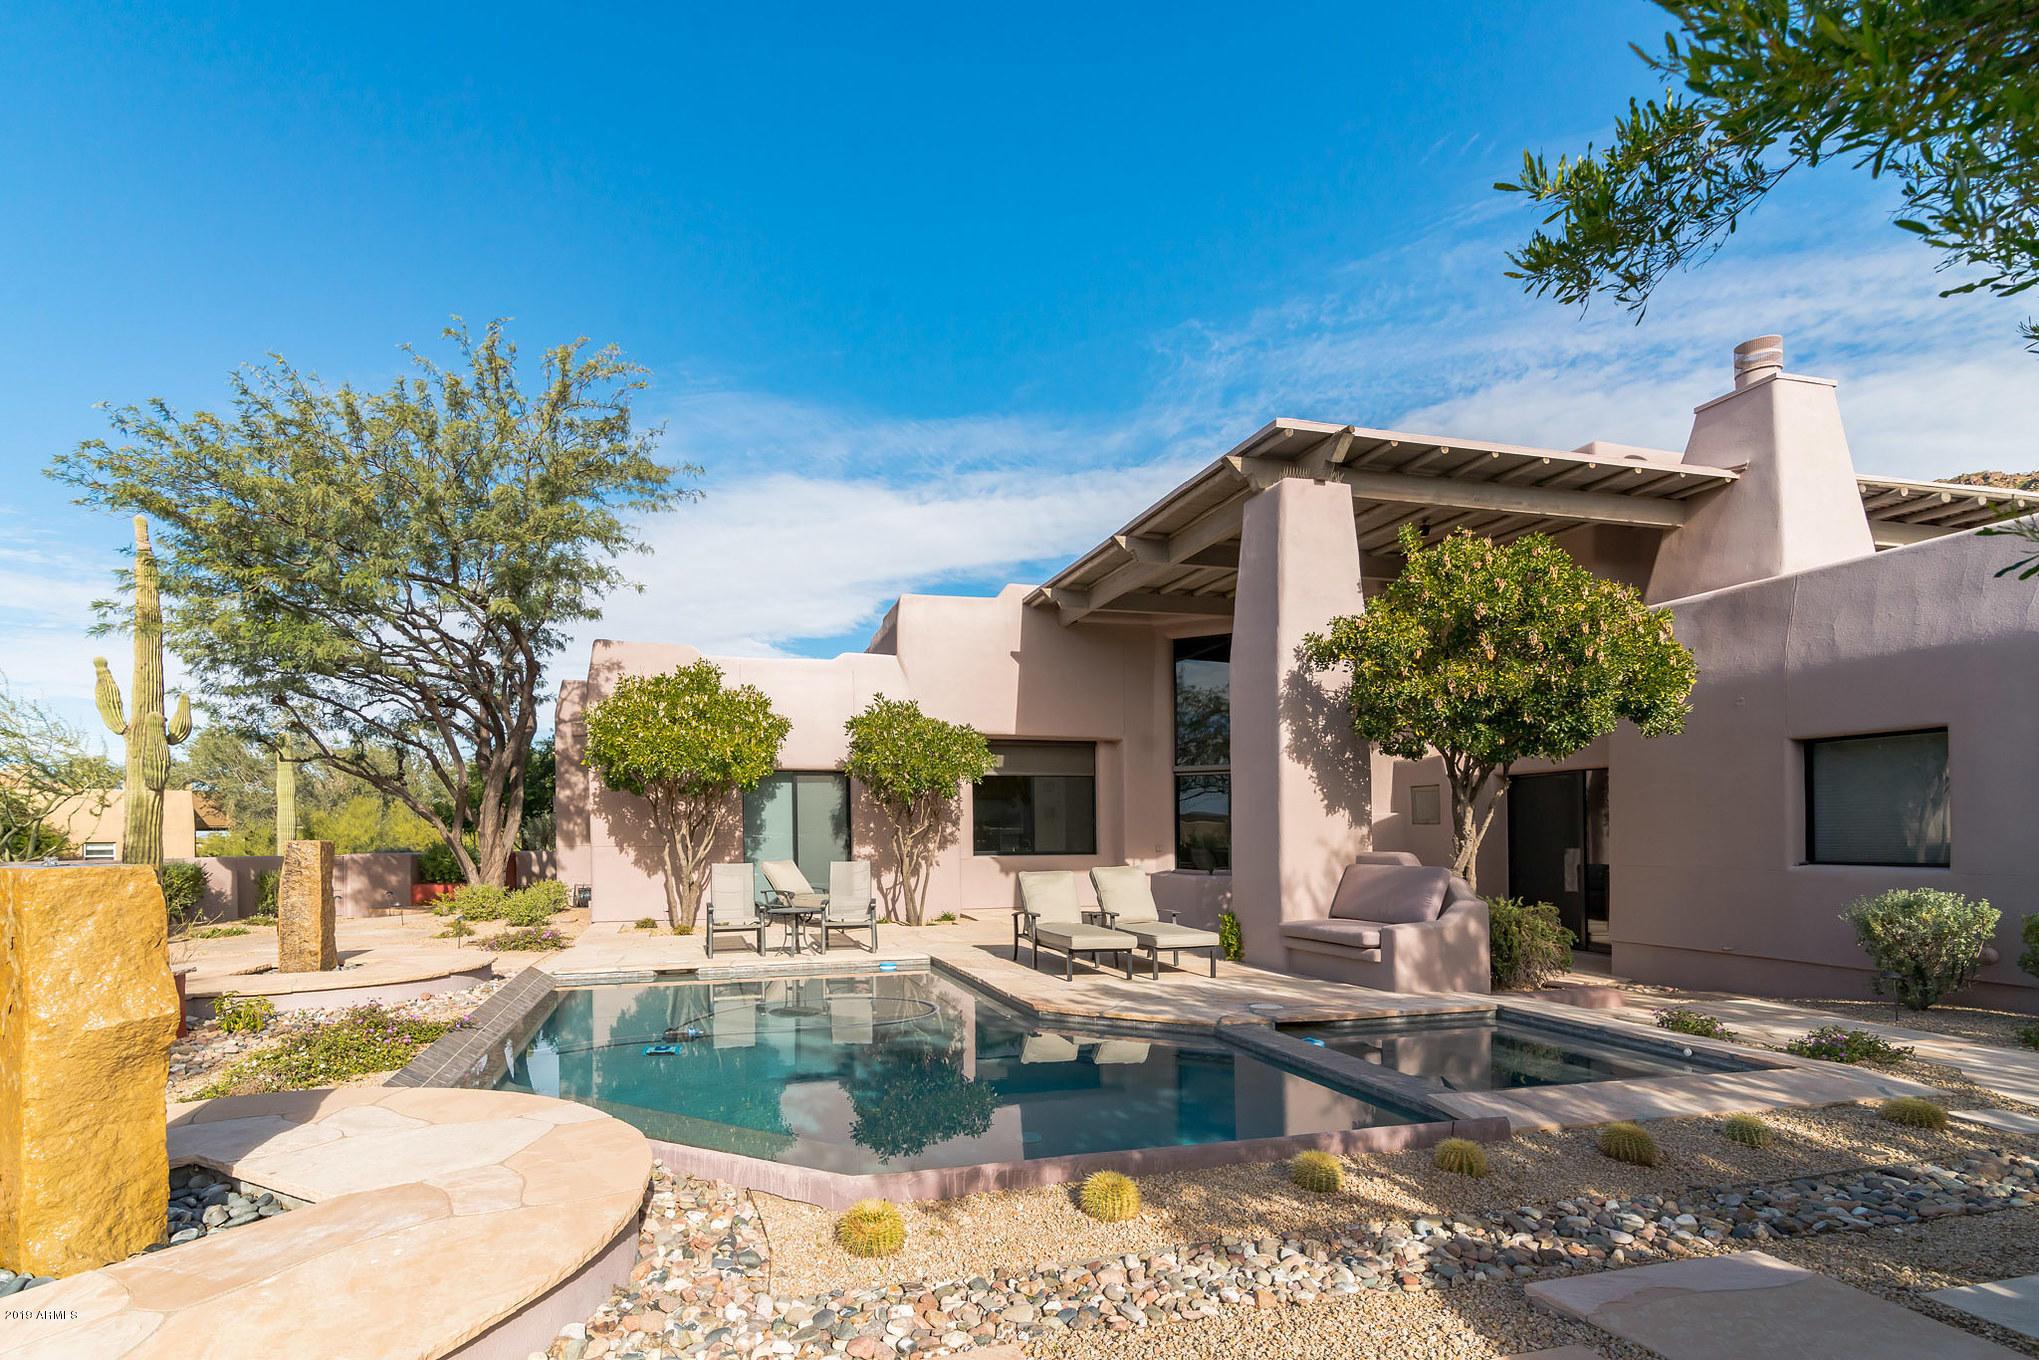 MLS 5881338 10040 E HAPPY VALLEY Road Unit 243, Scottsdale, AZ 85255 Scottsdale AZ Desert Highlands